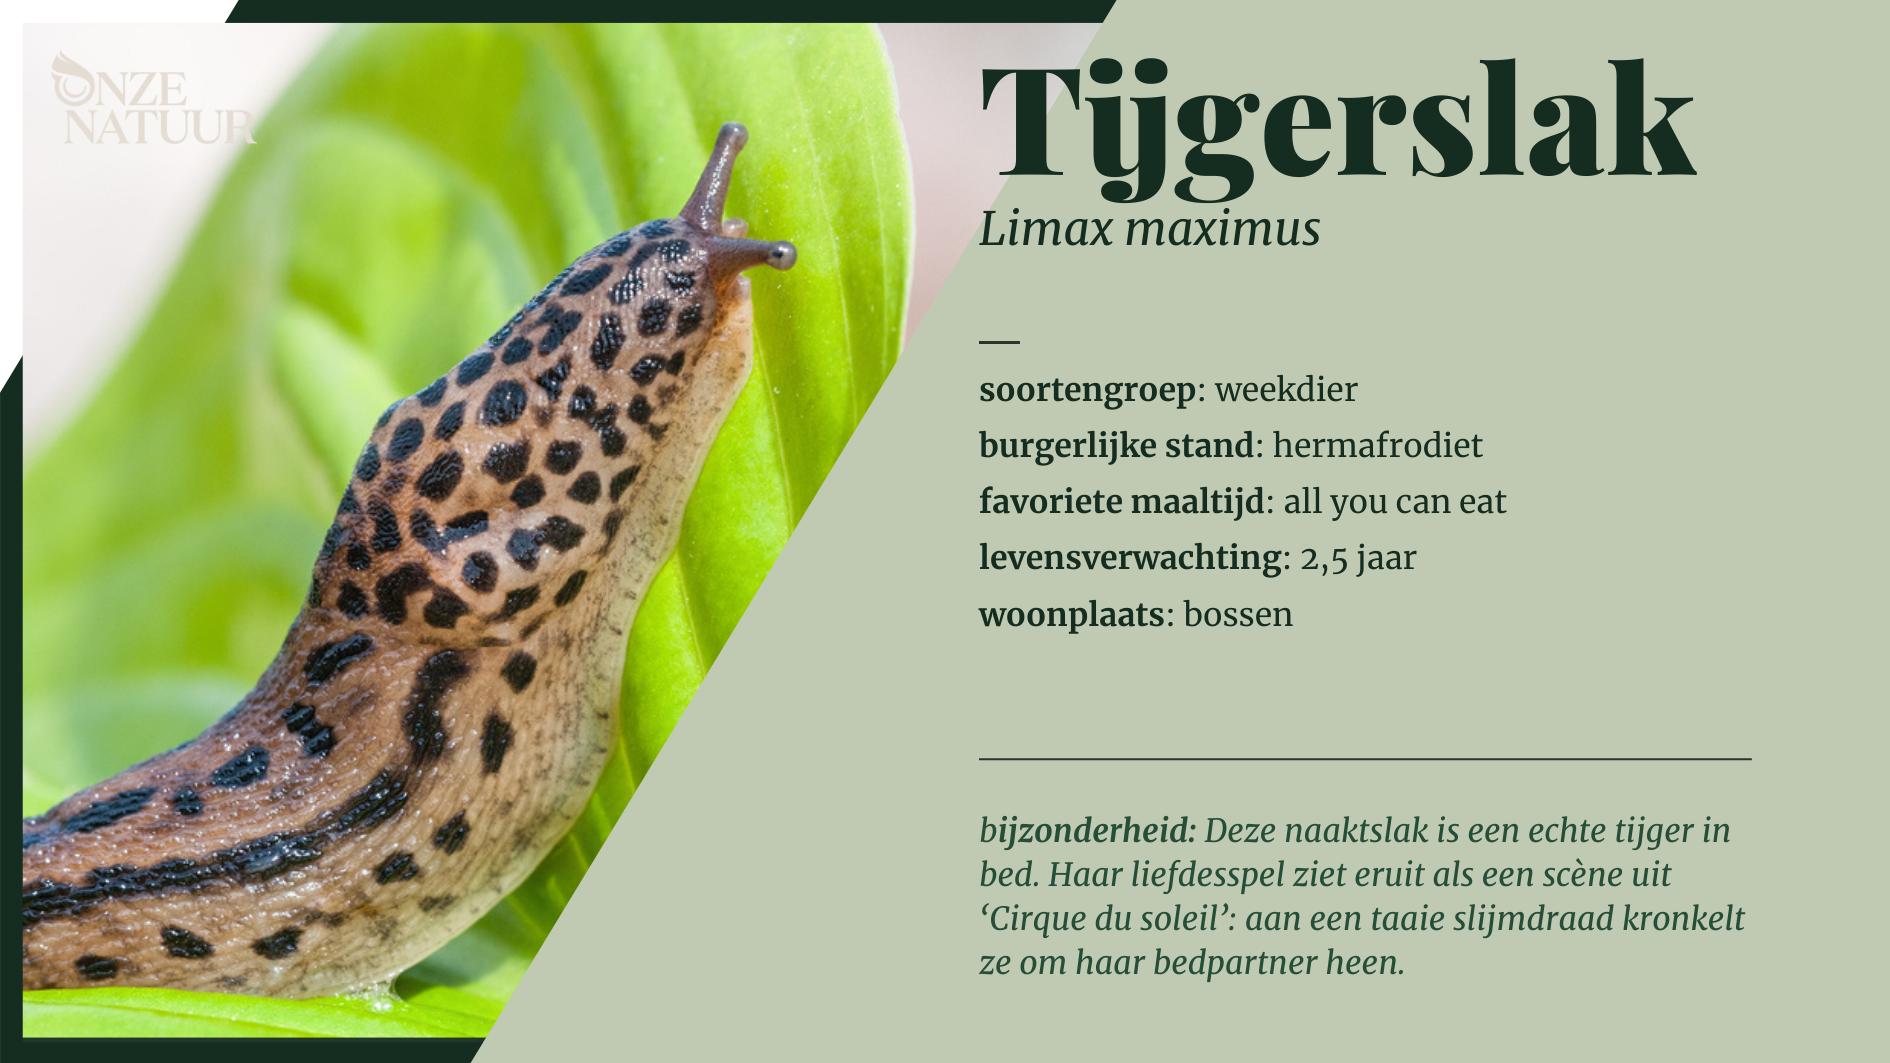 Korte info over de tijgerslak